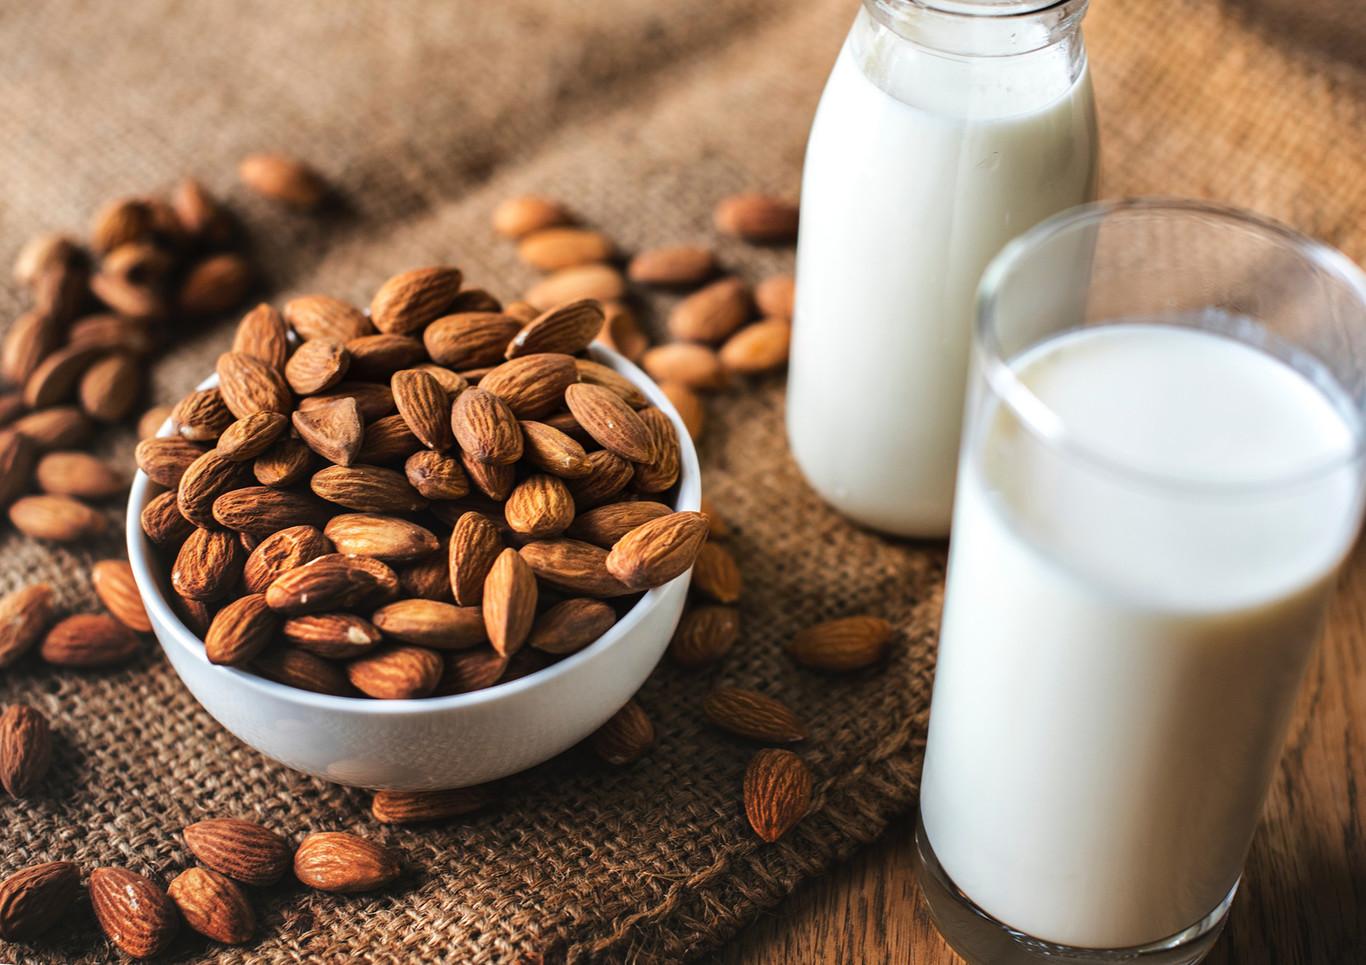 Las leches vegetales, alternativas para los intolerantes a la lactosa